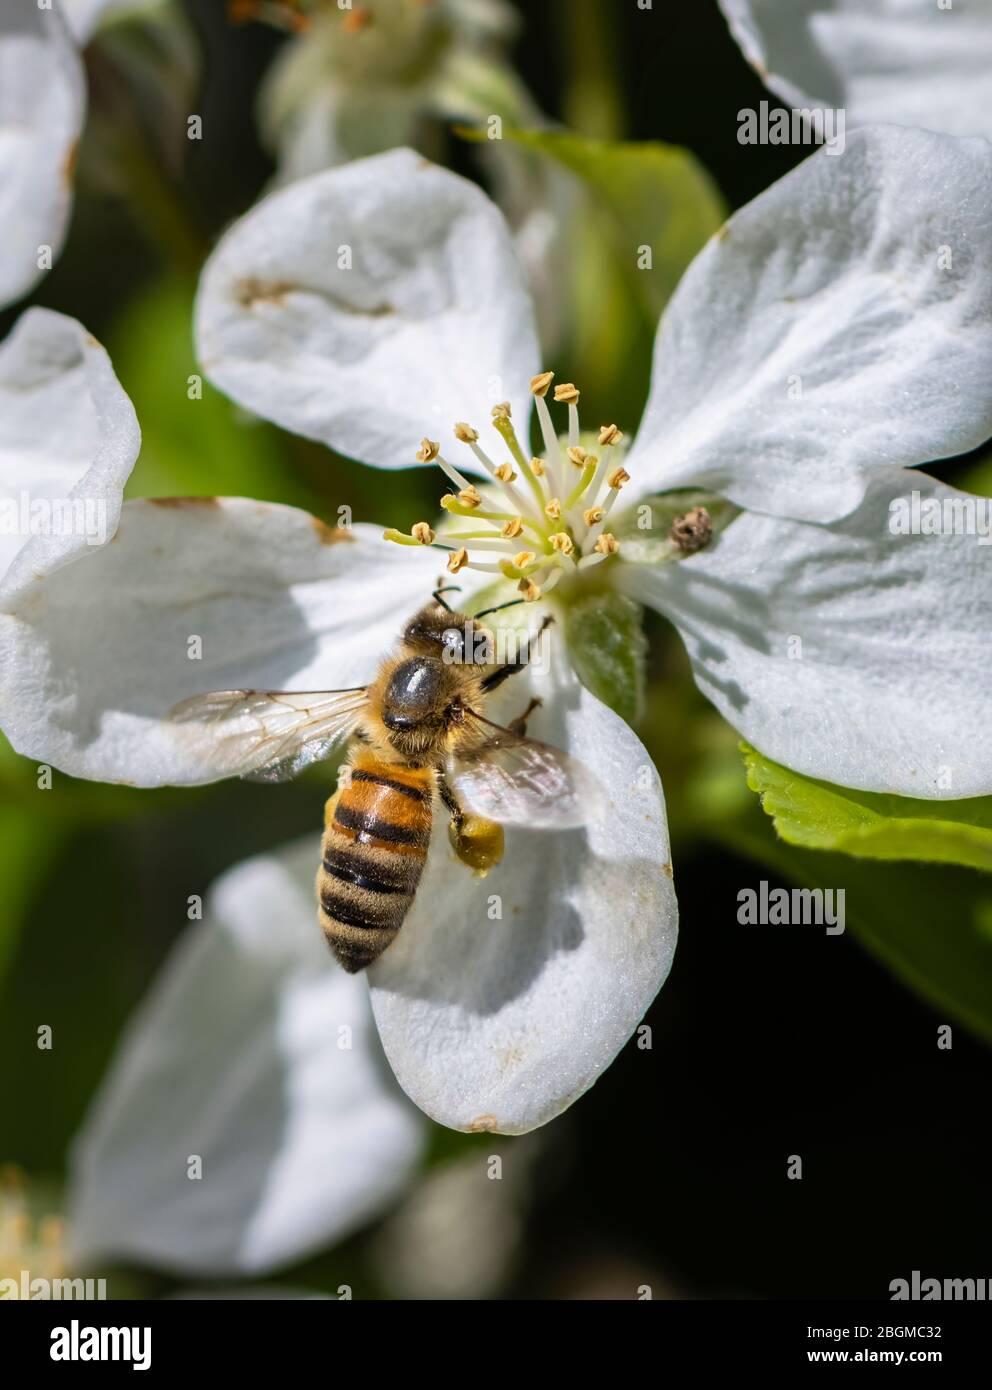 Minibeast: Una abeja de miel occidental, Apis mellifera, recoge néctar y polen de los estambres de un manzano blanco florece en primavera, Surrey Foto de stock